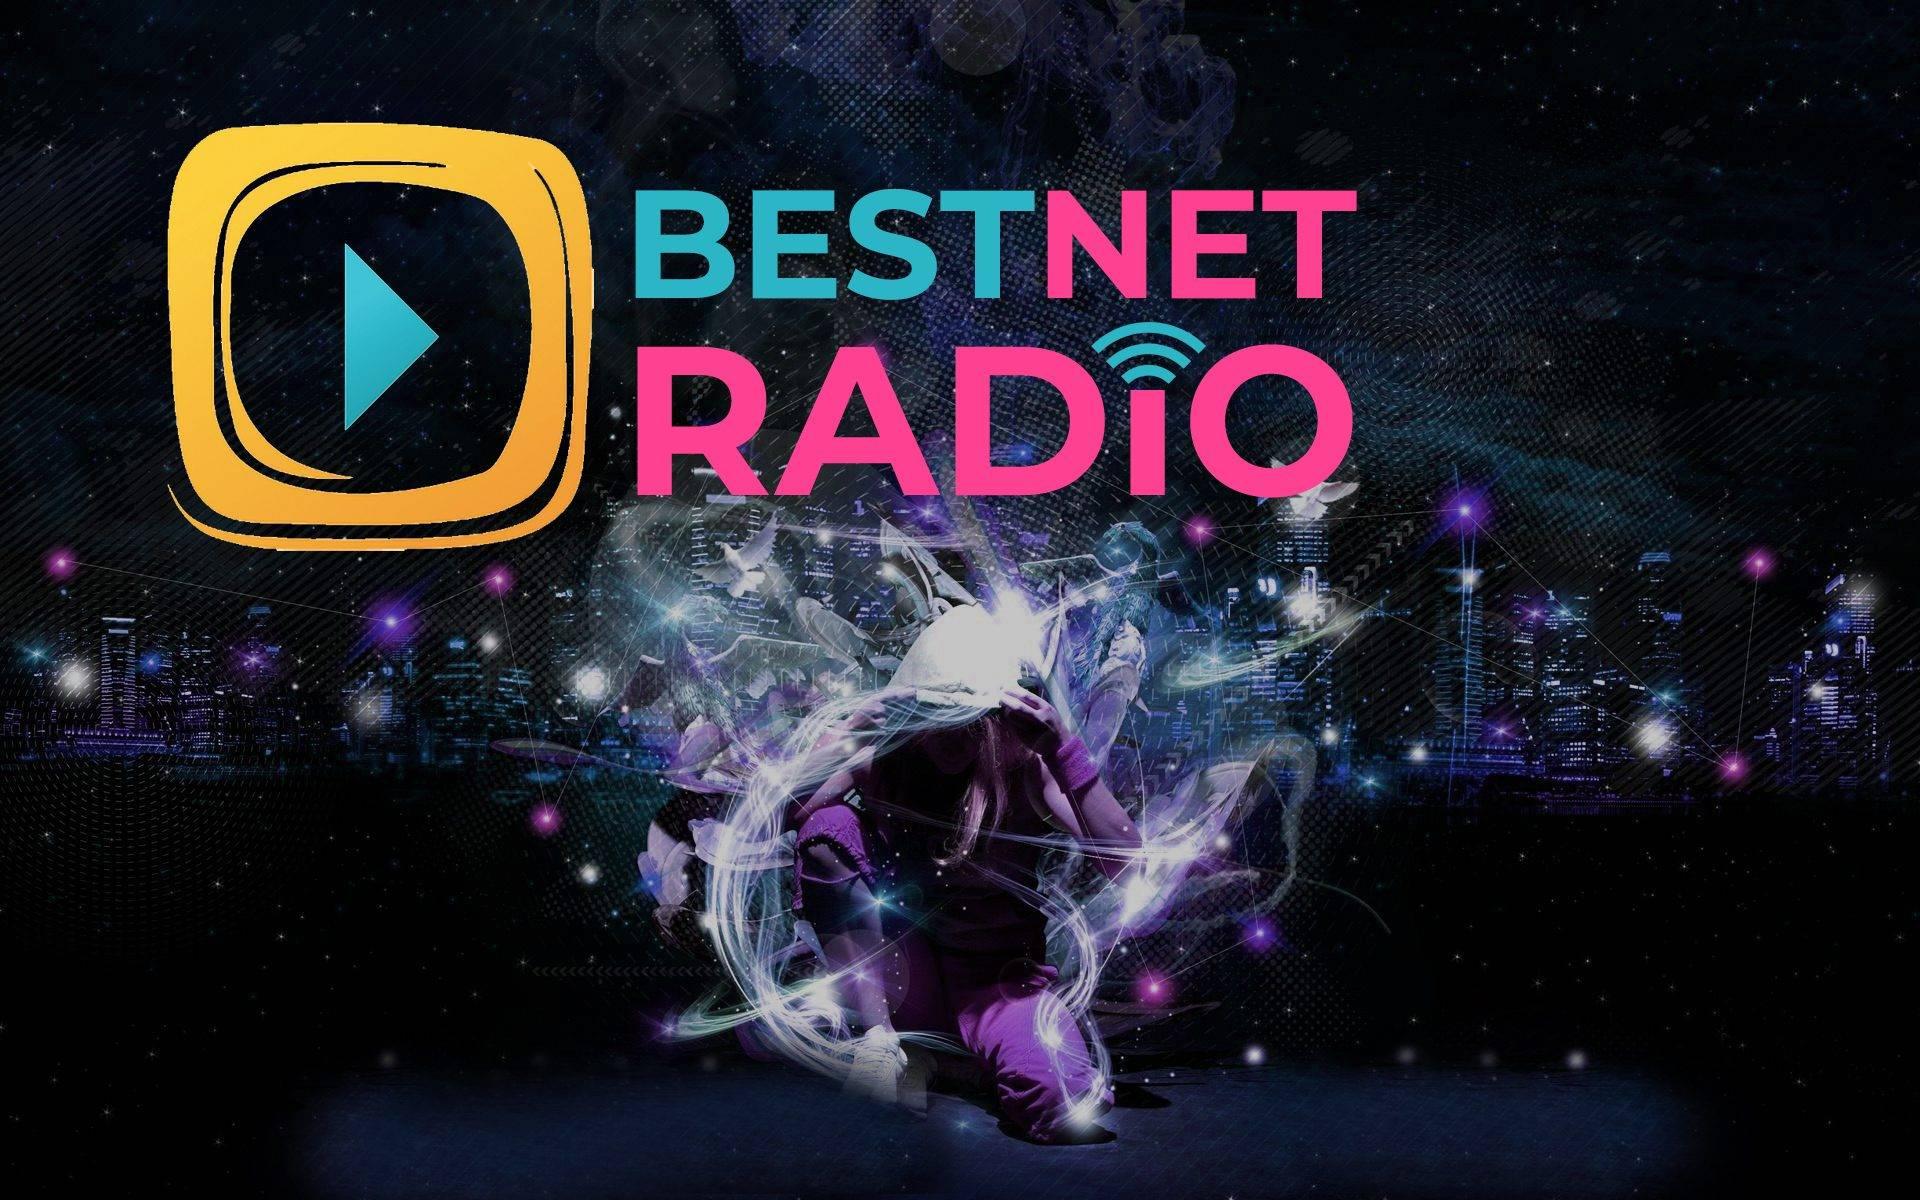 BestNetRadio